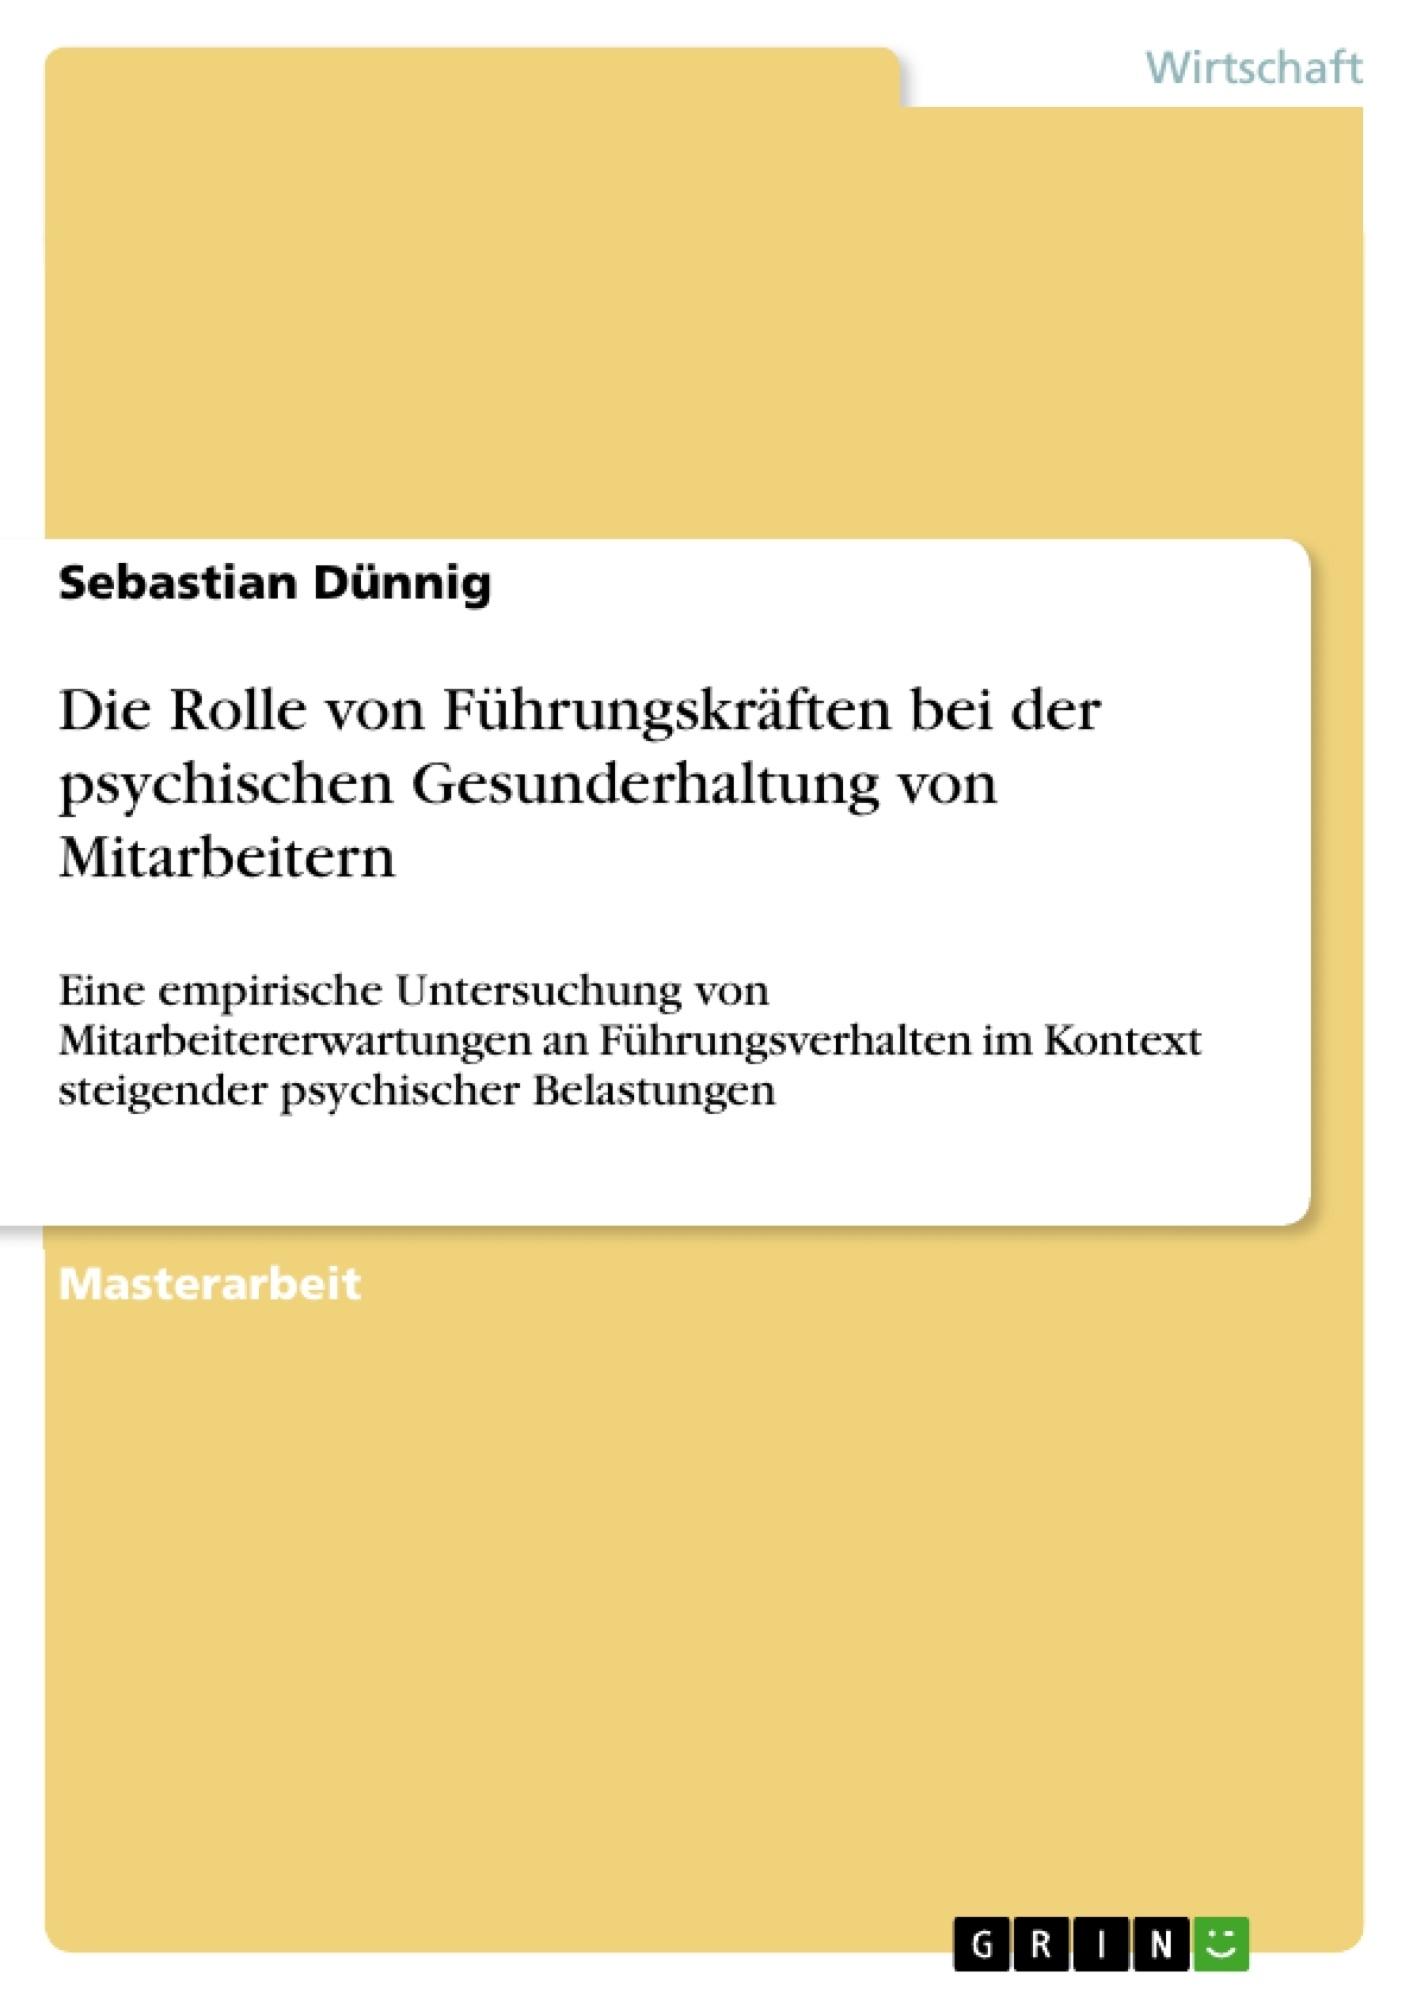 Titel: Die Rolle von Führungskräften bei der psychischen Gesunderhaltung von Mitarbeitern